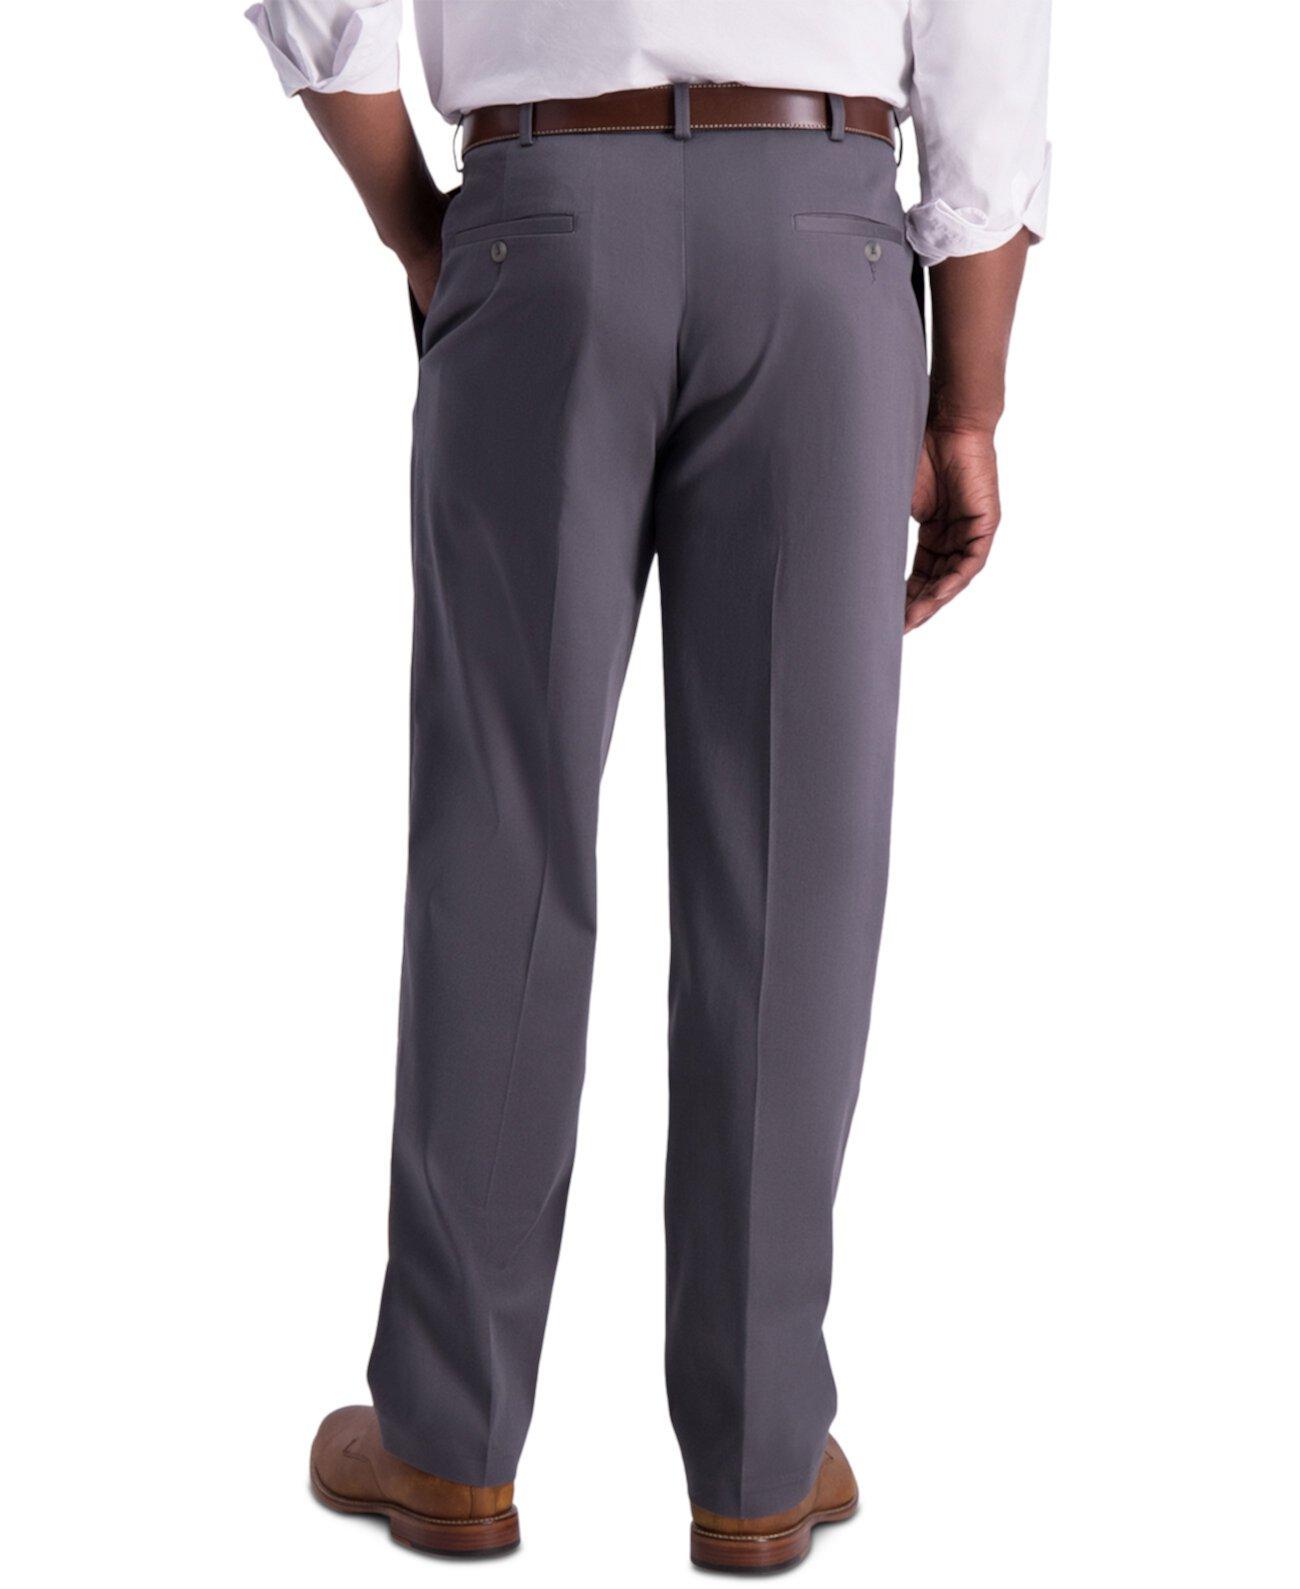 Мужские утюги с подогревом, хаки, классические брюки HAGGAR